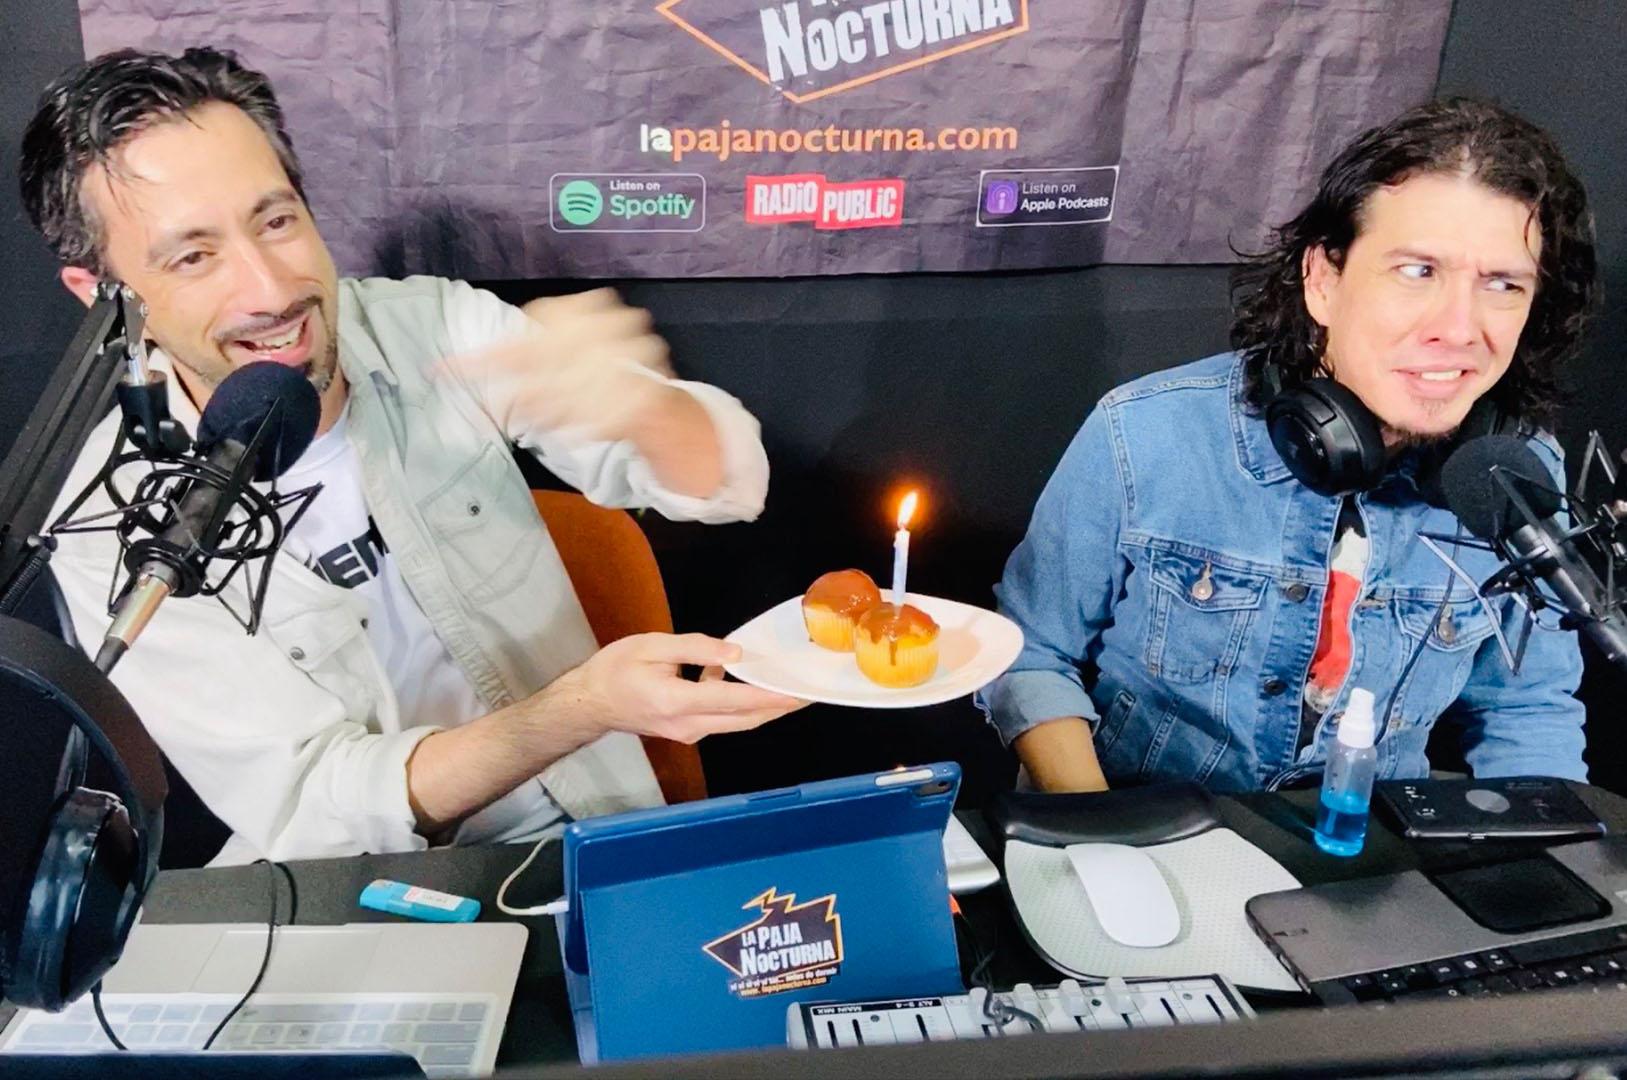 La paja nocturna podcast Episodio 85